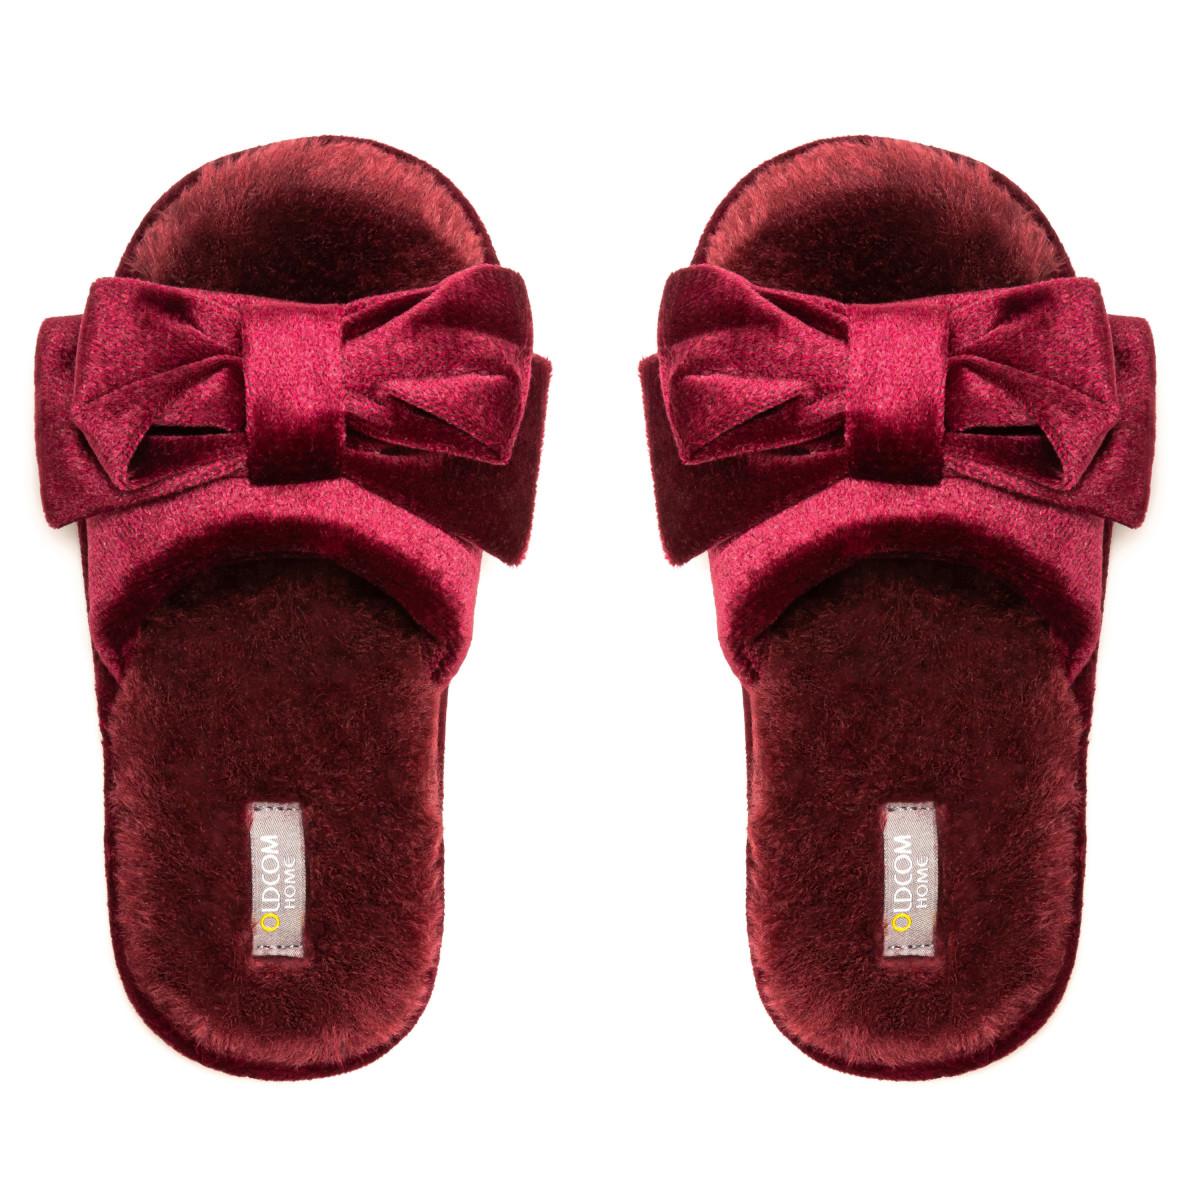 Kid's home slippers CHARM, Burgundy